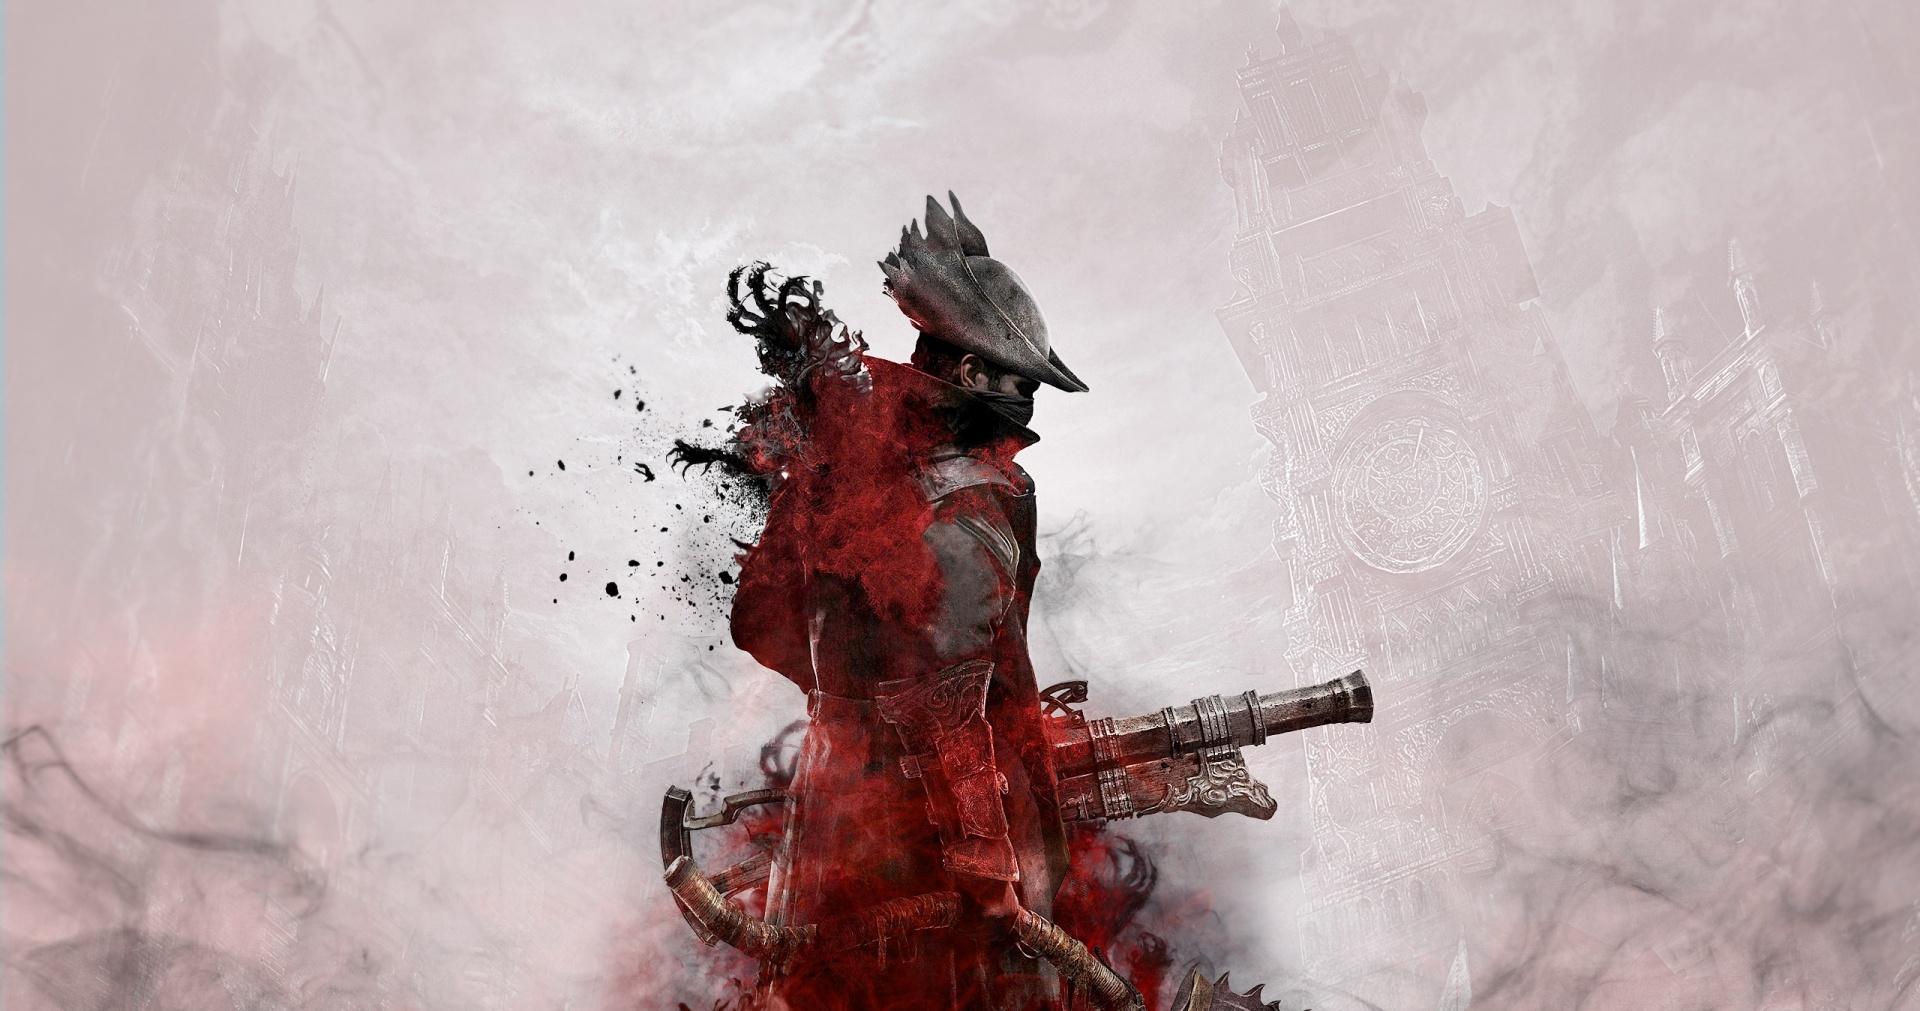 Хидэтака Миядзаки назвал Bloodborne любимой игрой, над которой он работал